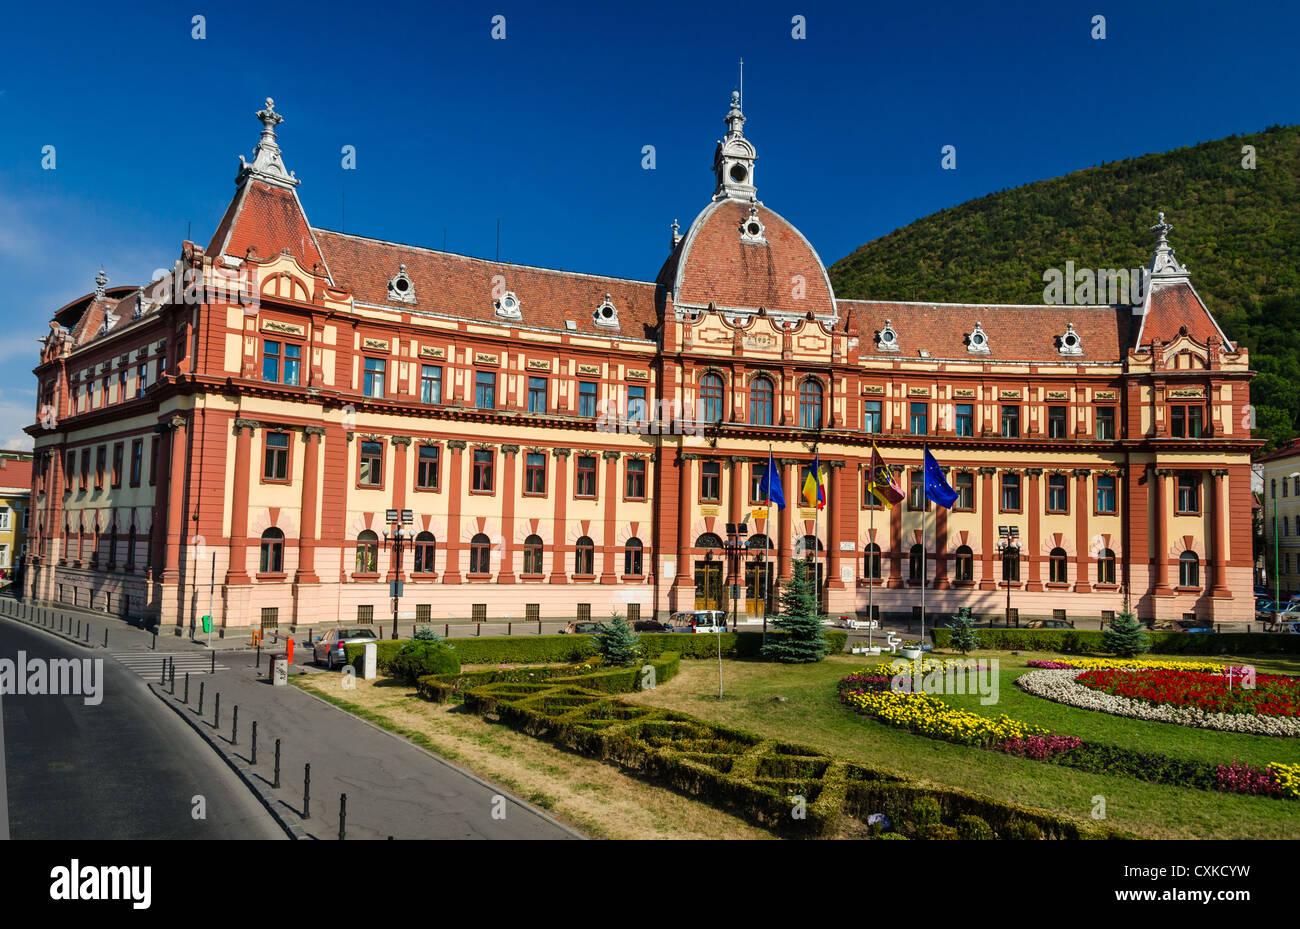 Amministrazione centrale edificio della contea di Brasov, in Romania, XIX secolo neobaroque architettura stile. Immagini Stock